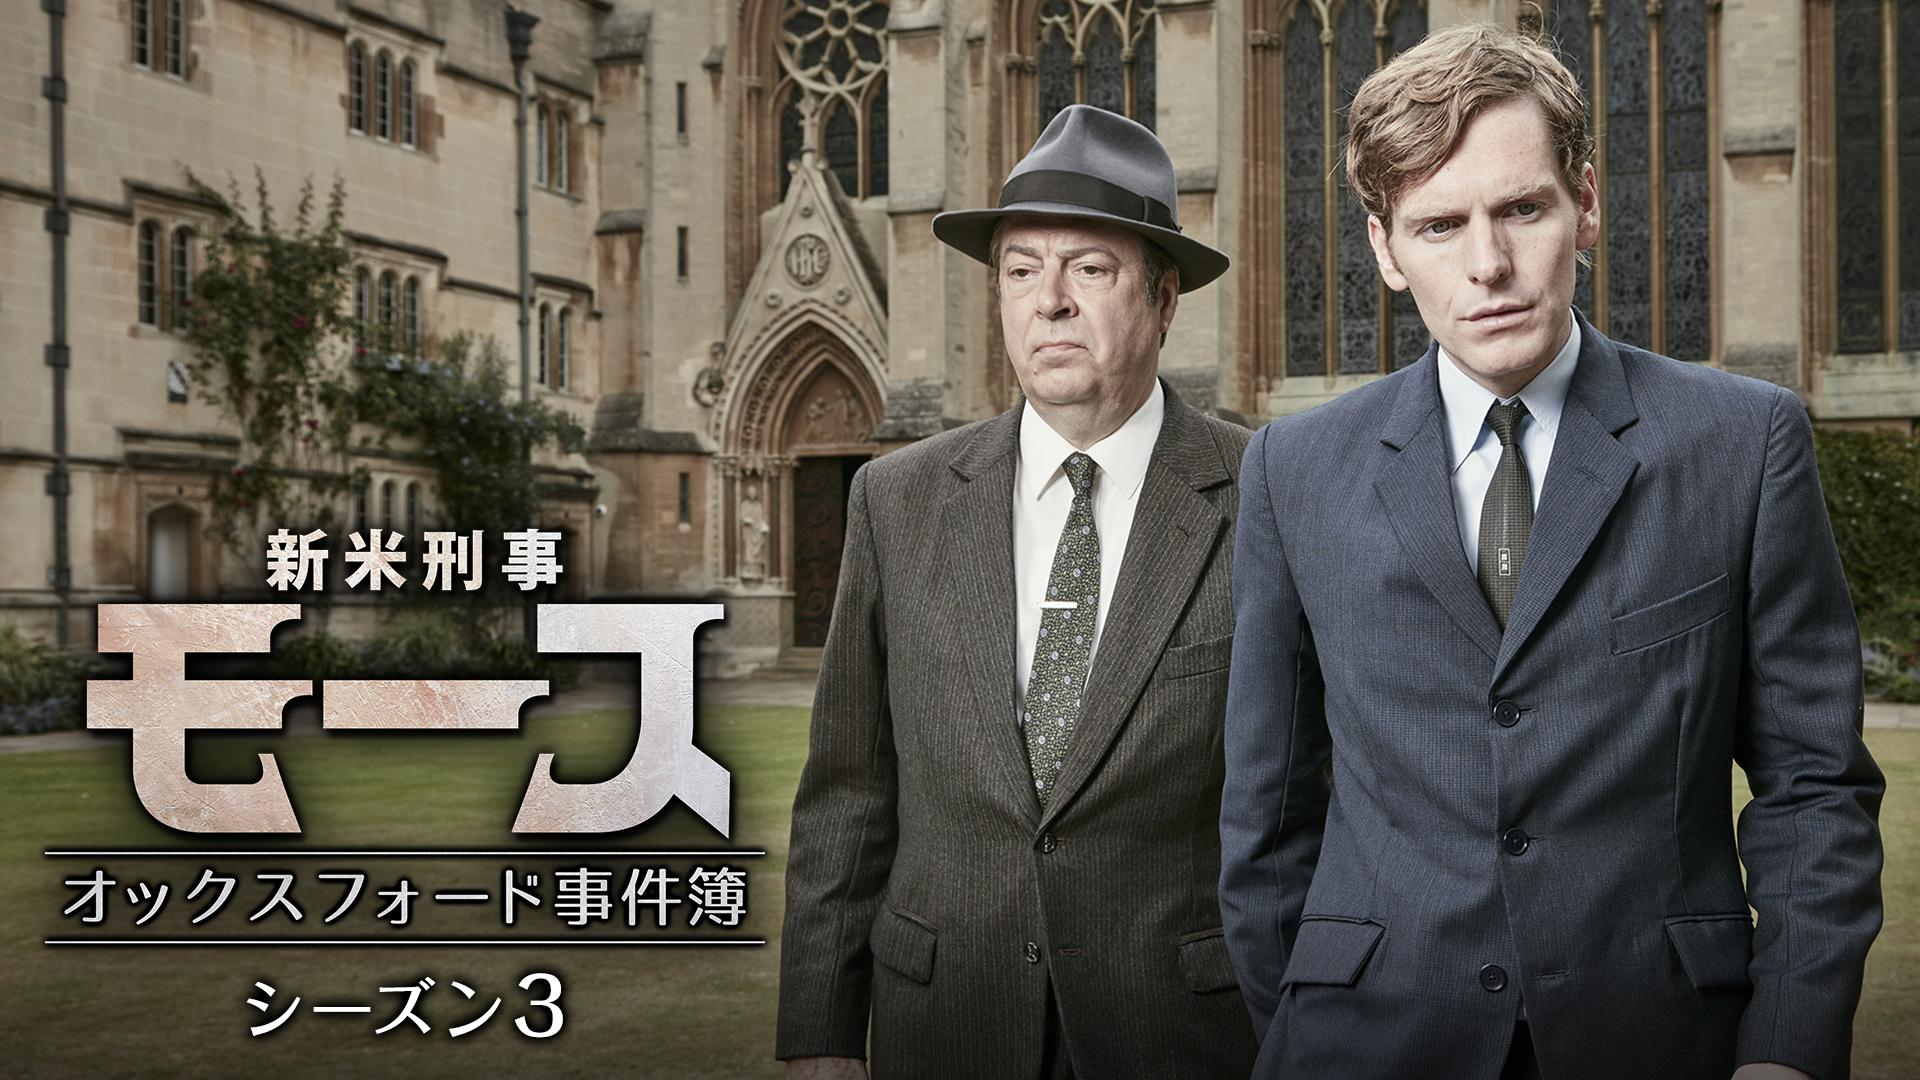 新米刑事モース~オックスフォード事件簿~ シーズン3